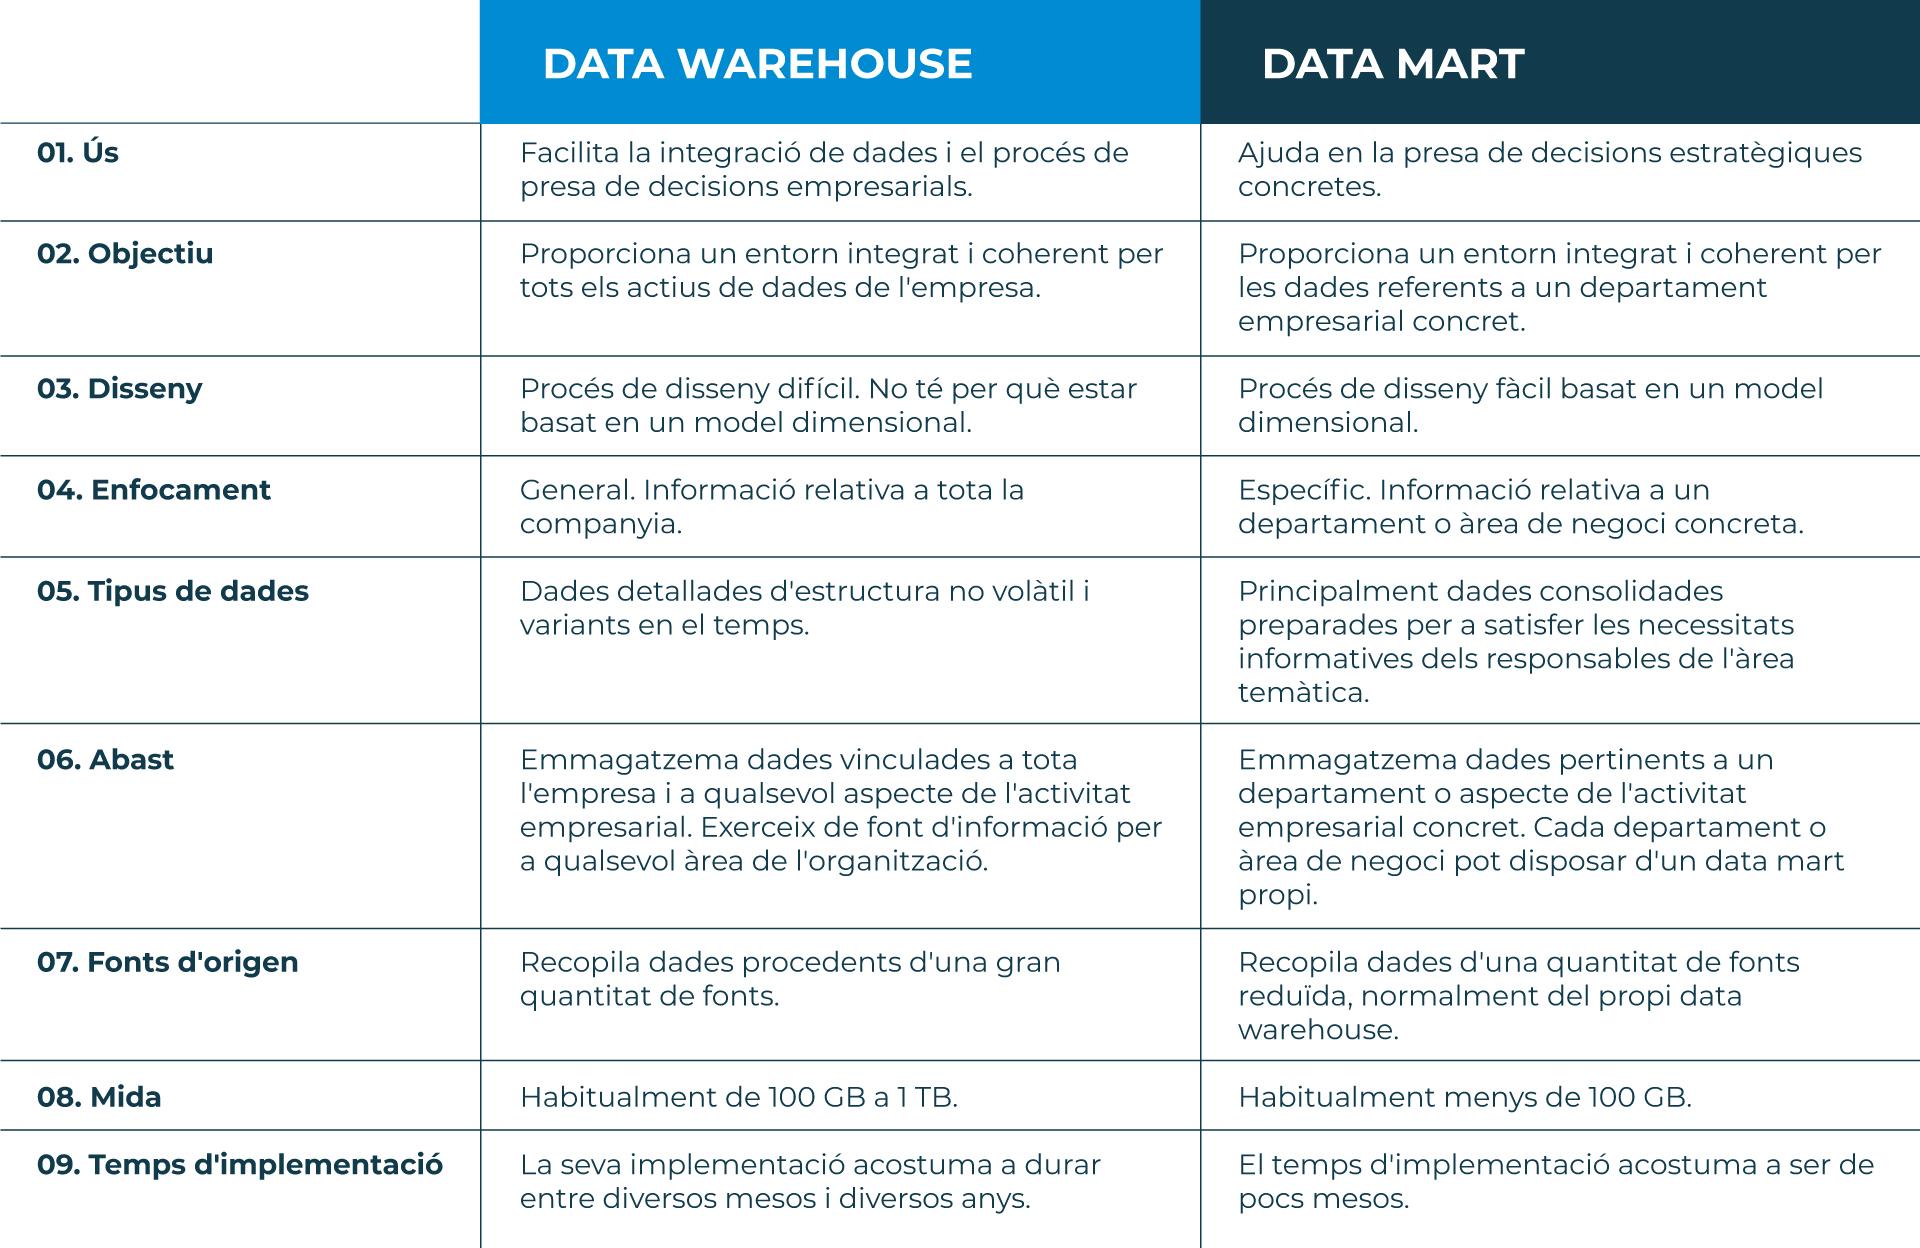 Data-Warehouse-vs-Data-Mart-CA